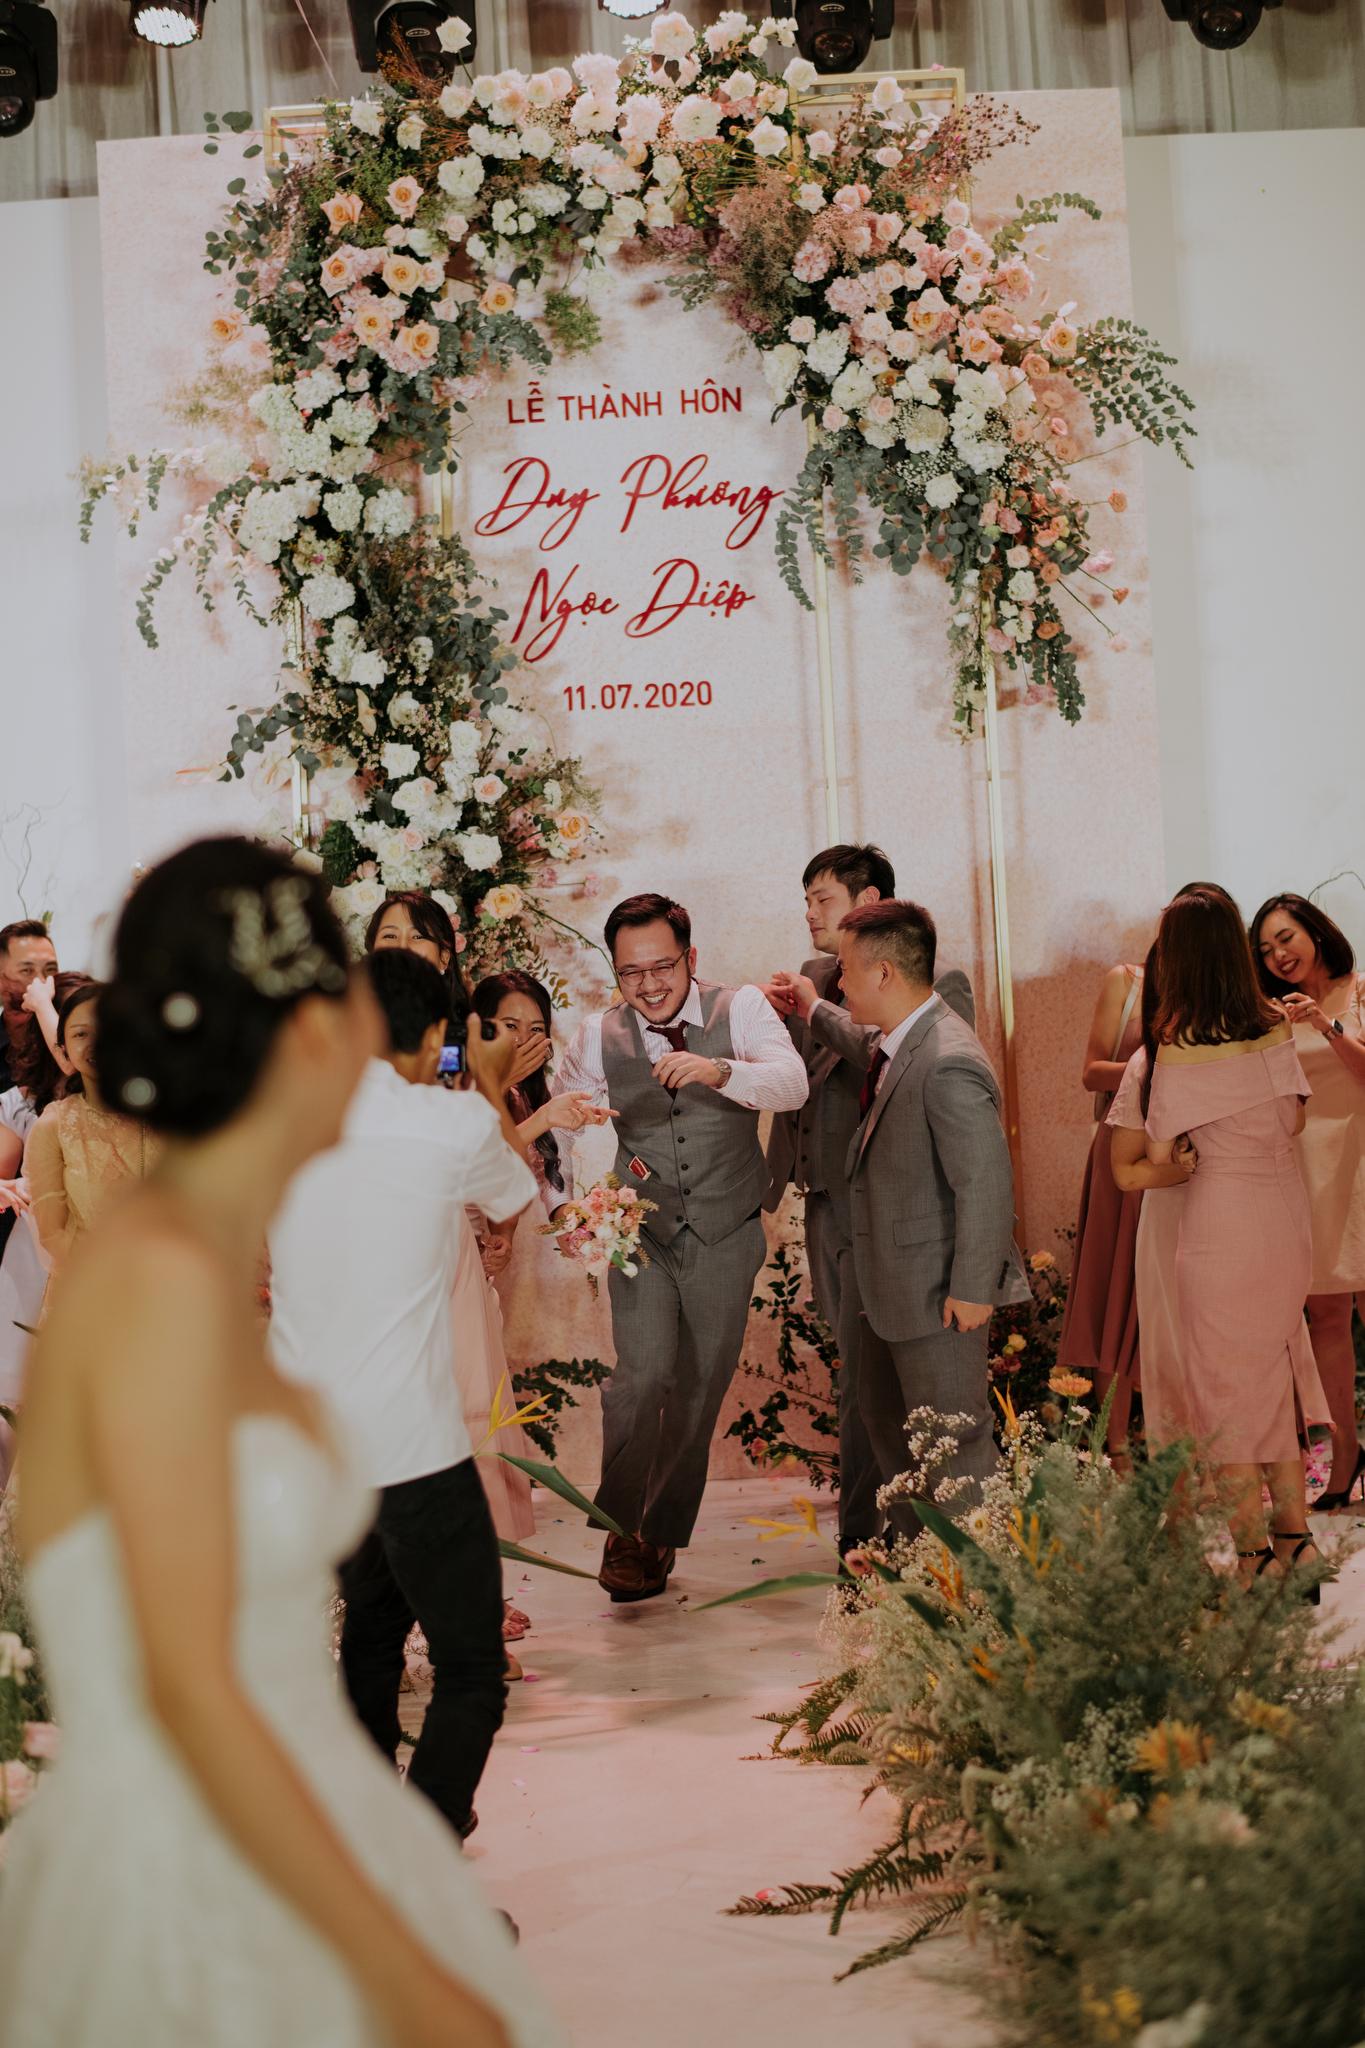 https://huk.s3.amazonaws.com/uploads/image/source/1457/Phuong-Diep-HN-Ceremony-2-0374.JPG